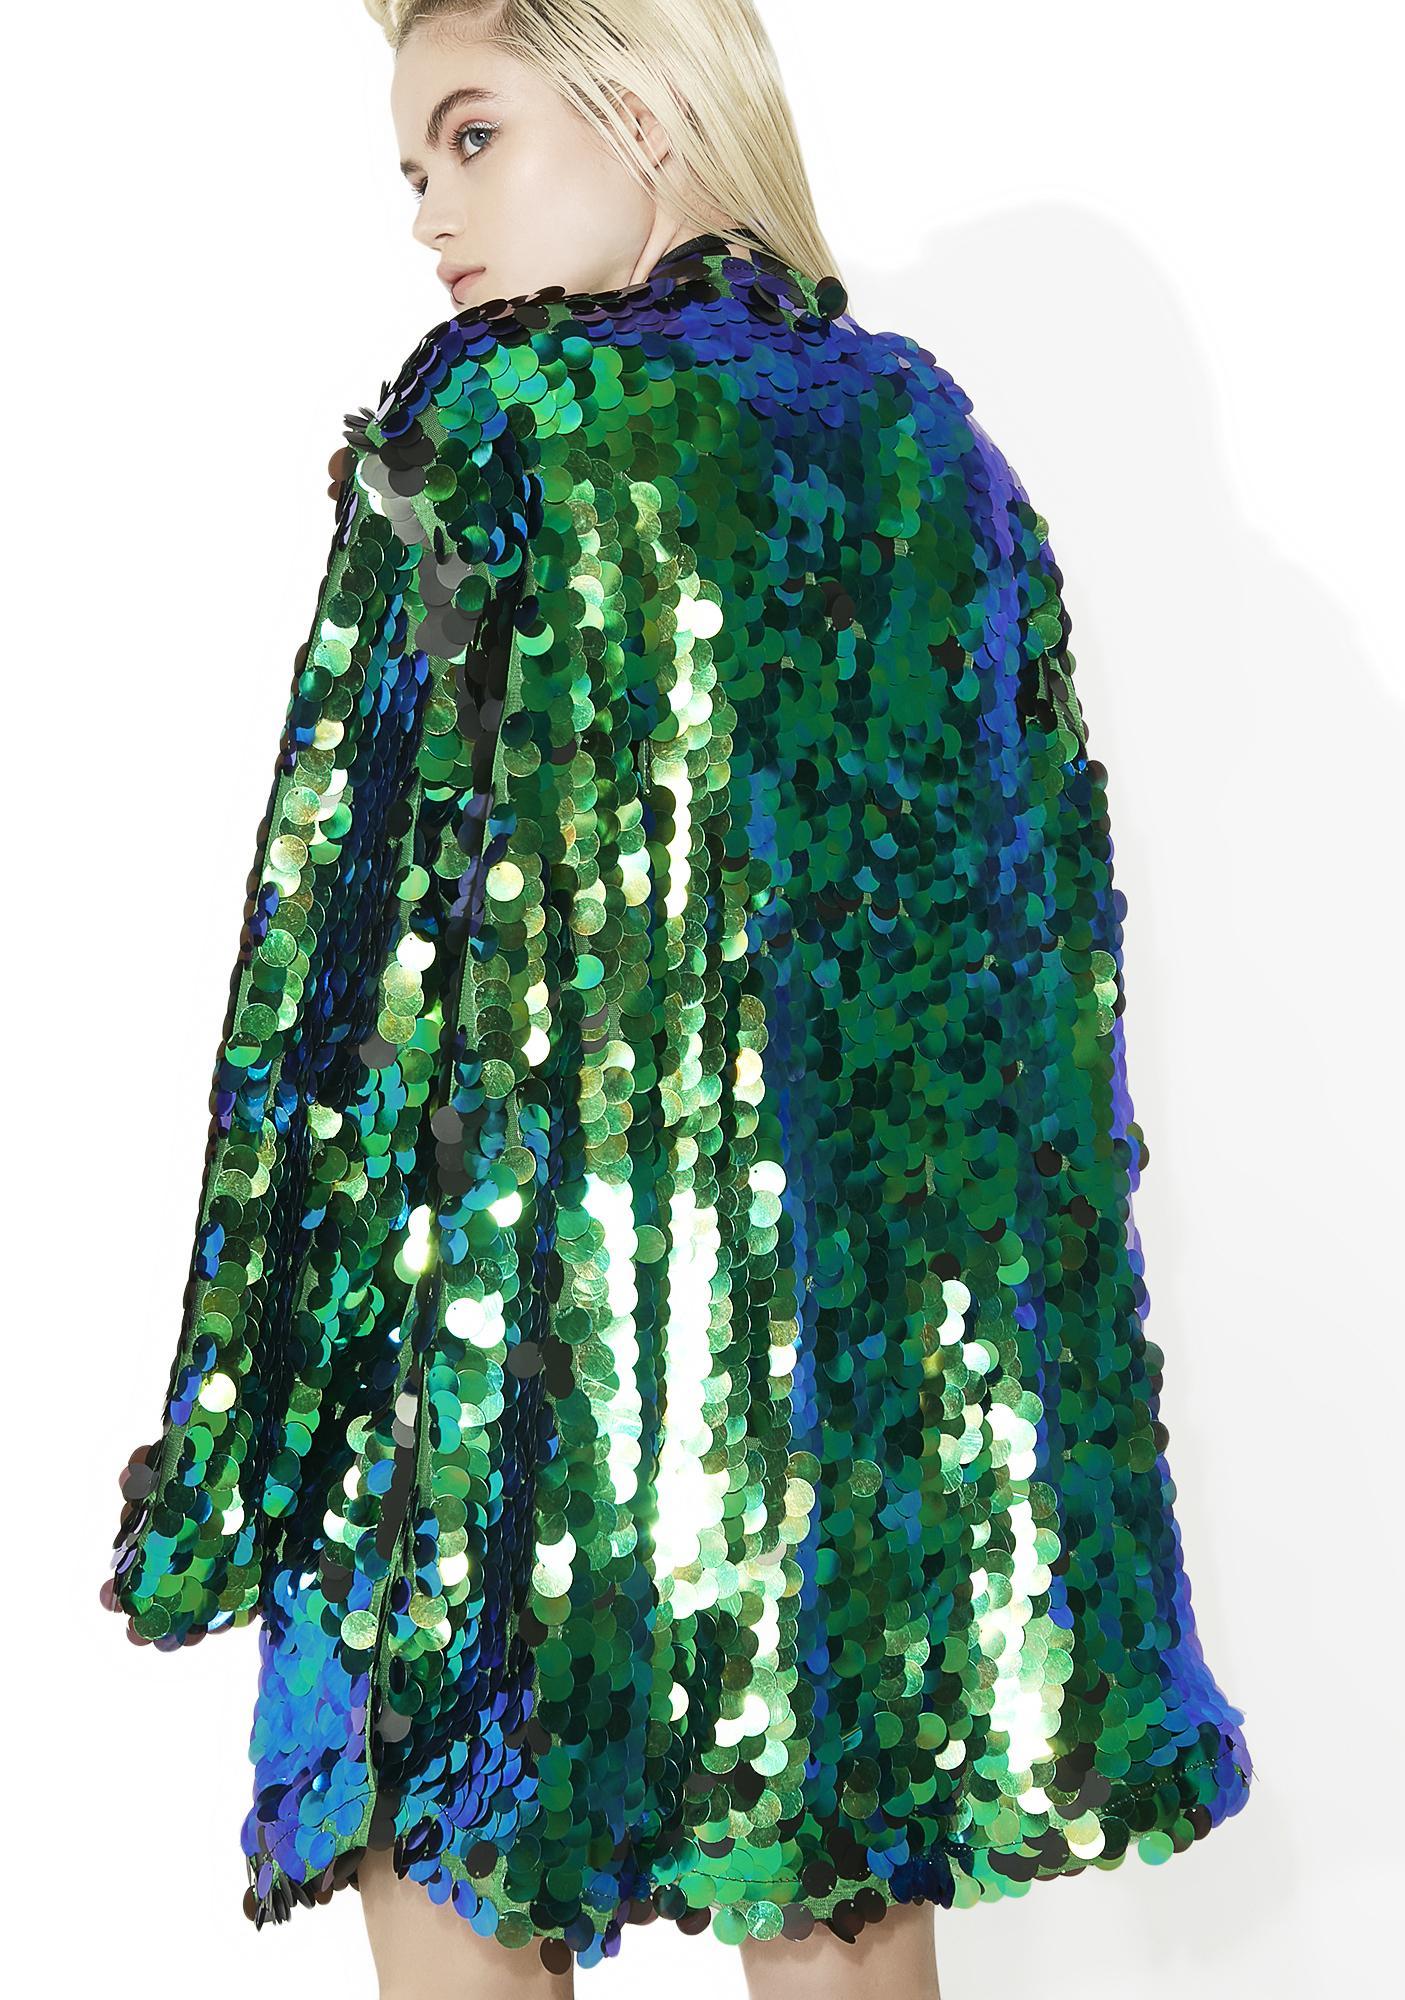 B Glittz Peacock Dreams Sequin Kimono